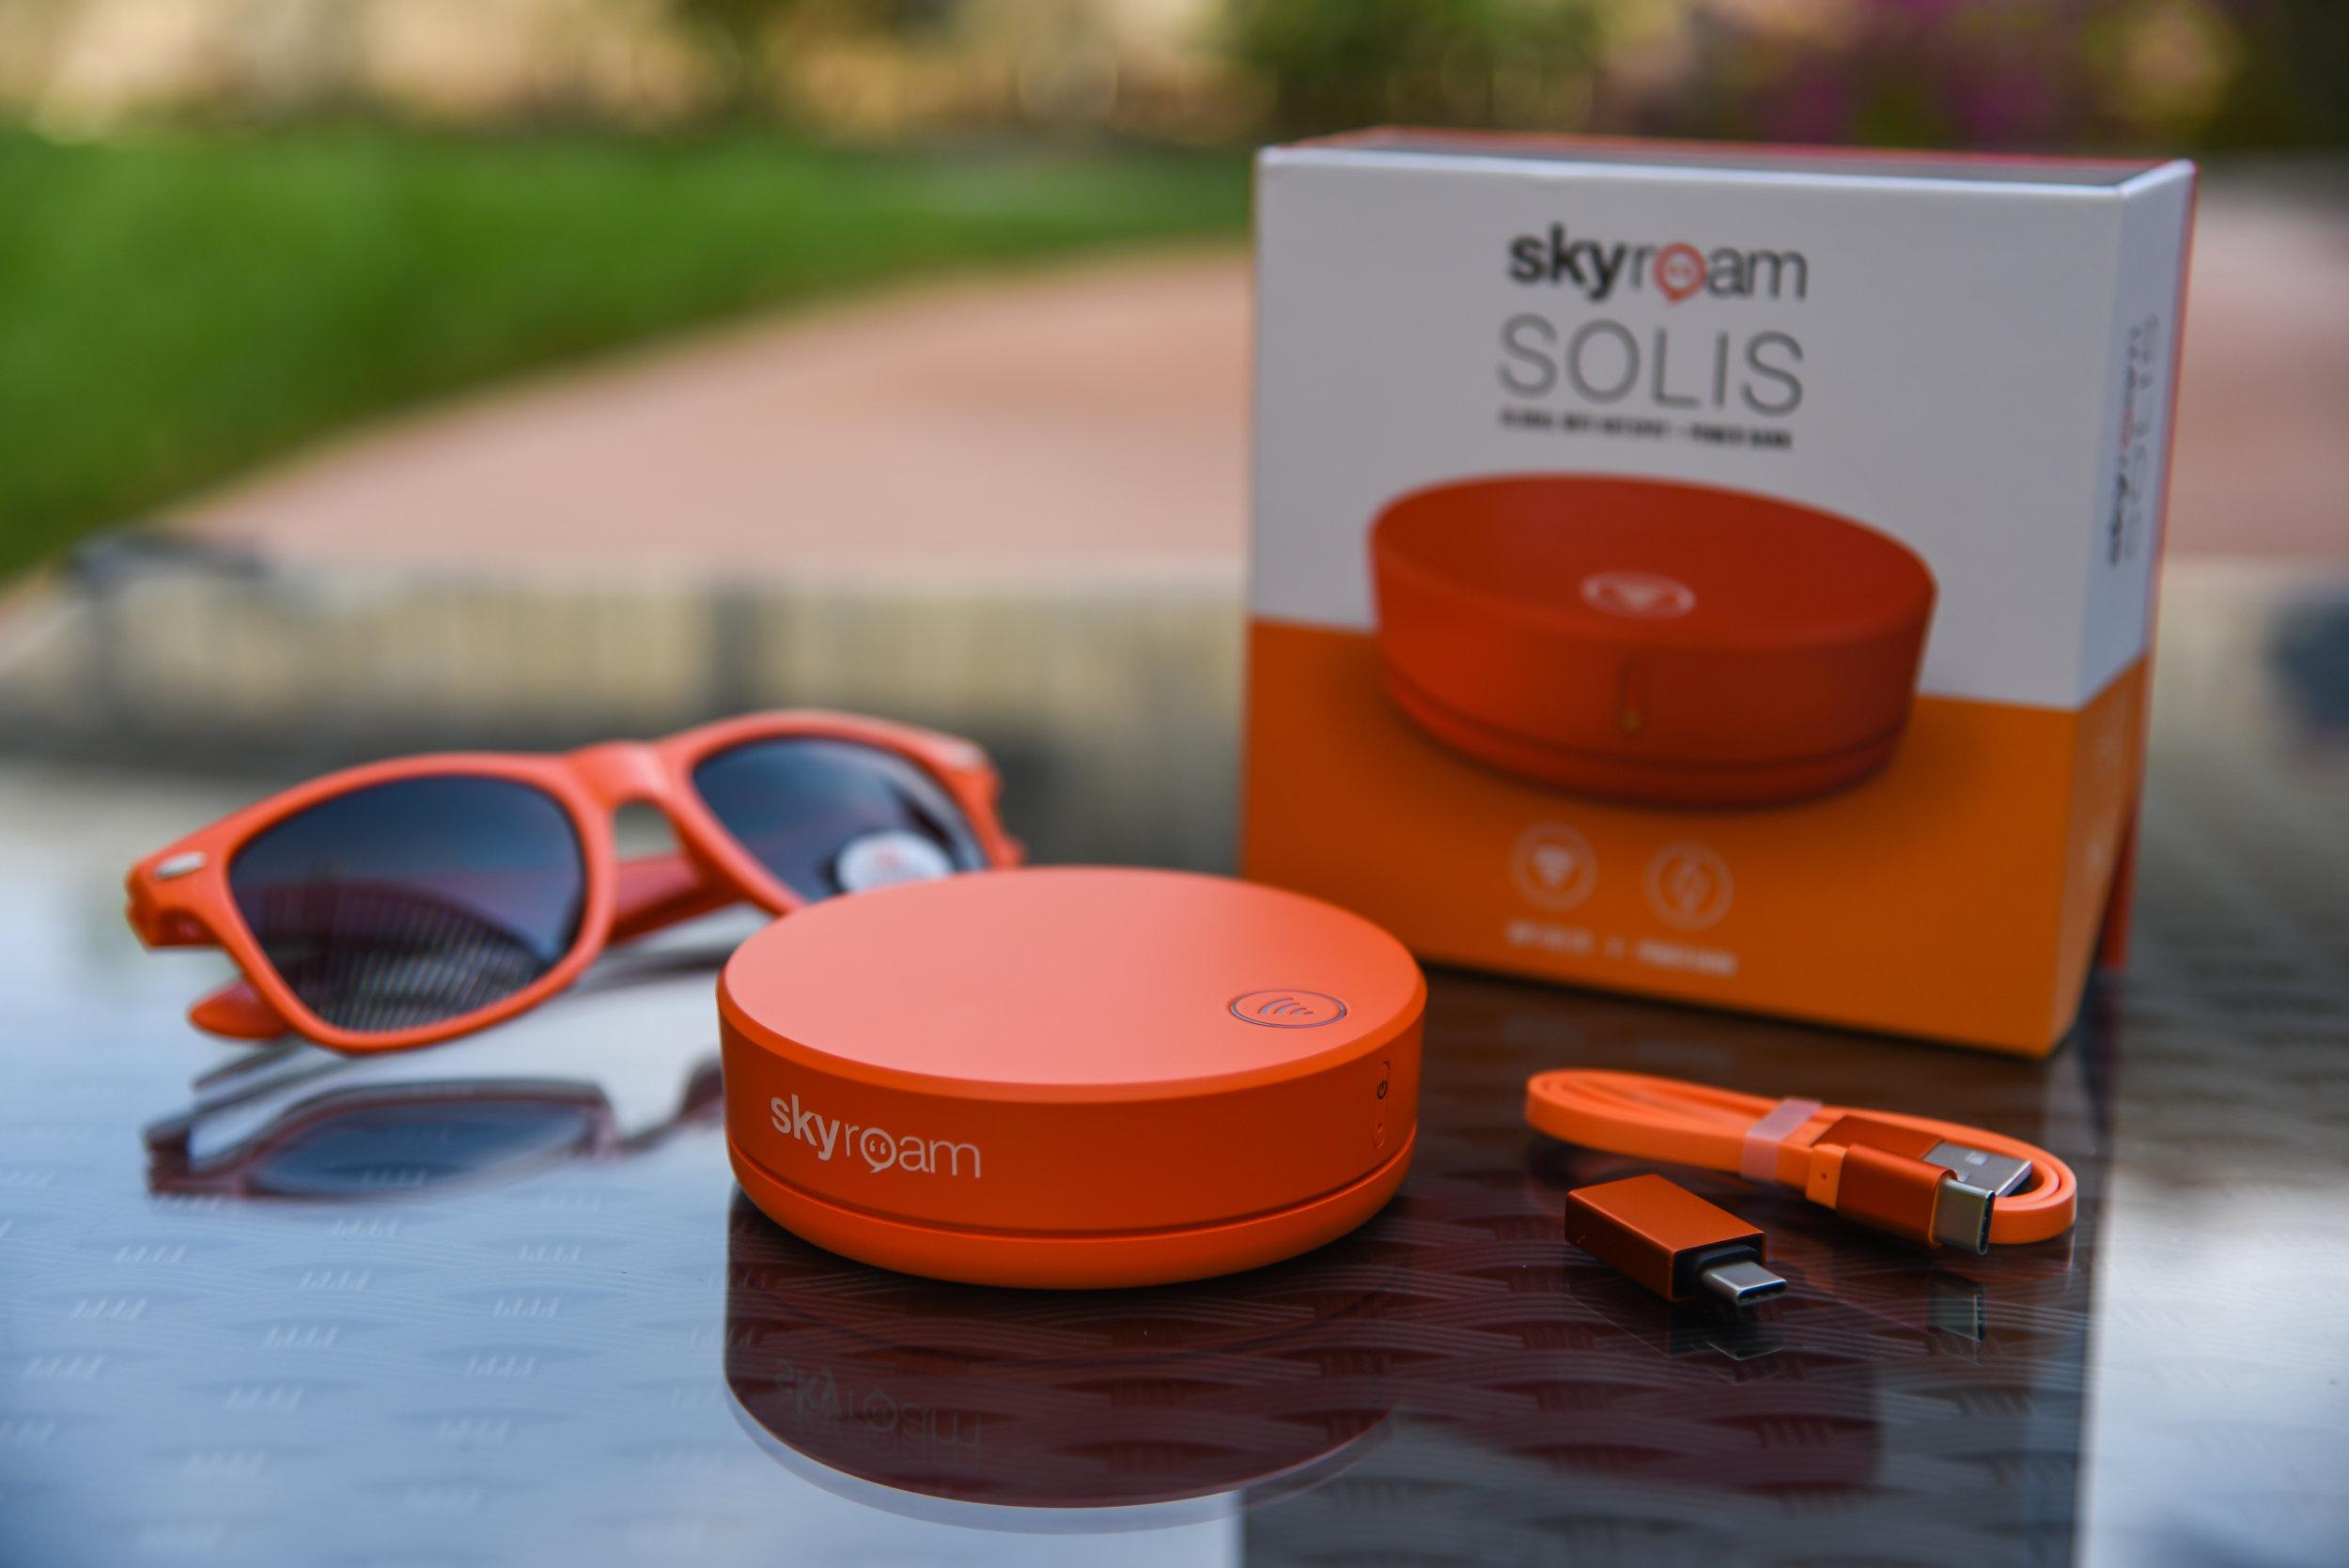 Skyroam 1